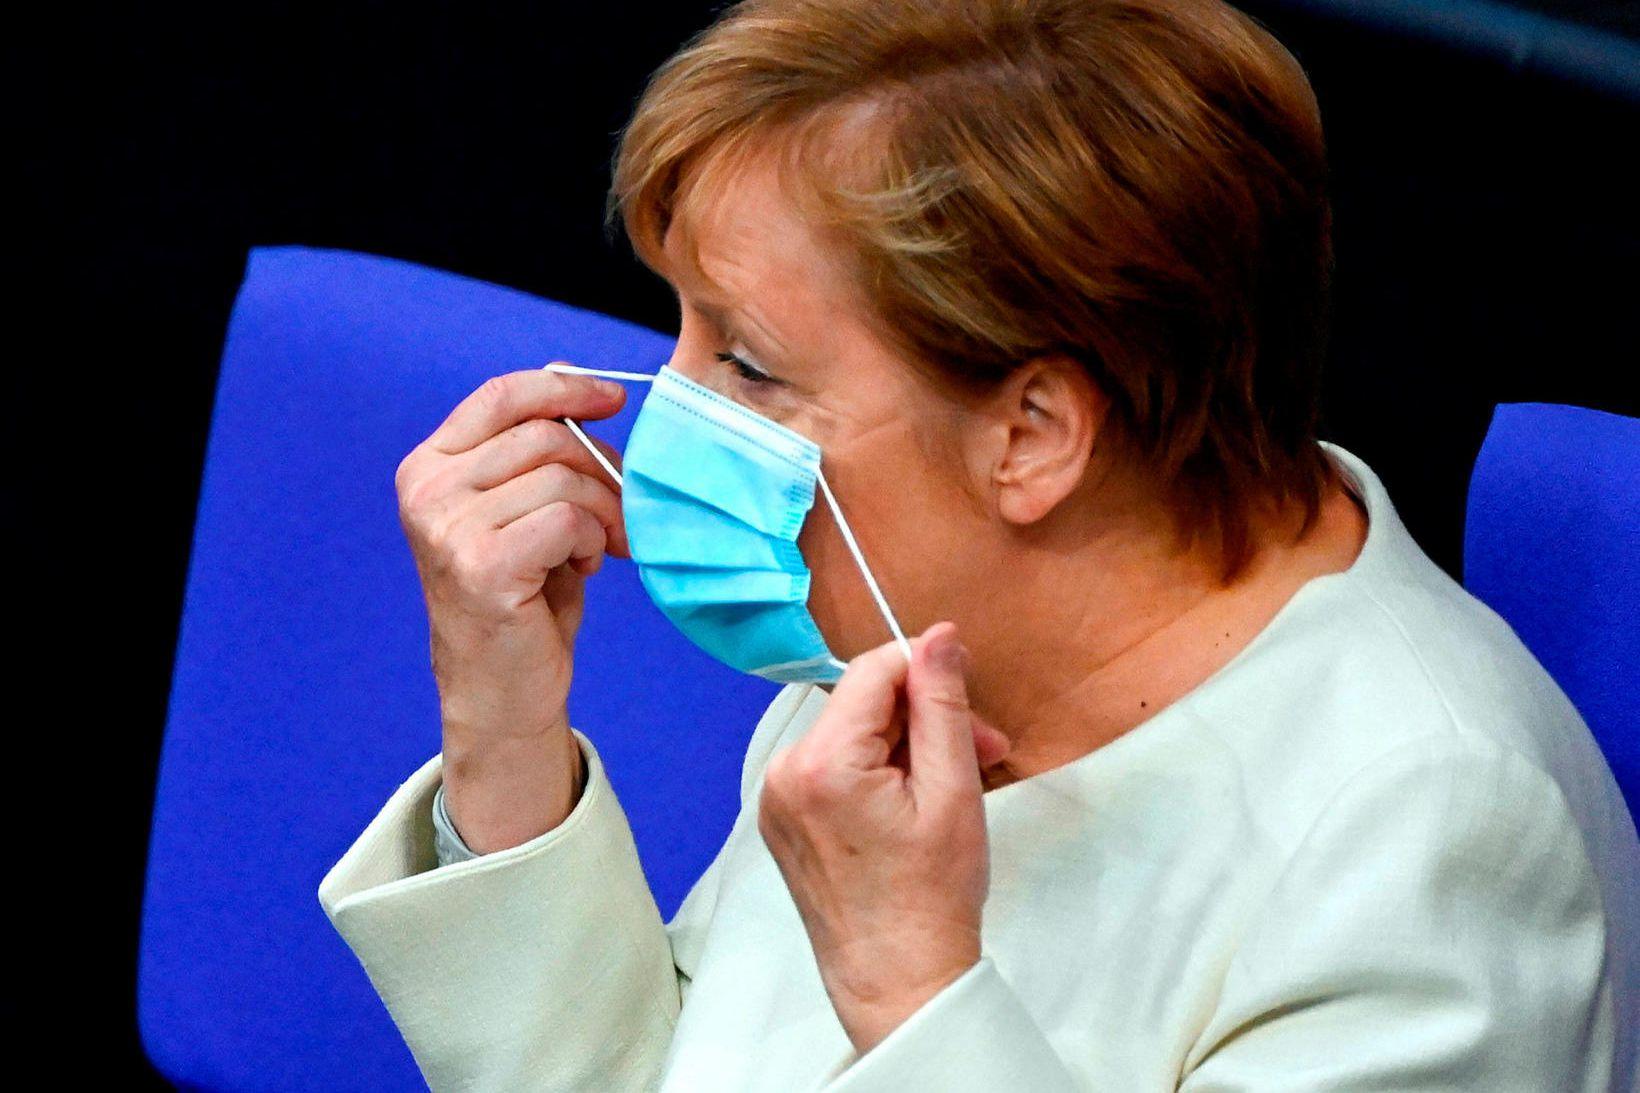 Kanslari Þýskalands, Angela Merkel, sést hér taka af sér grímuna …